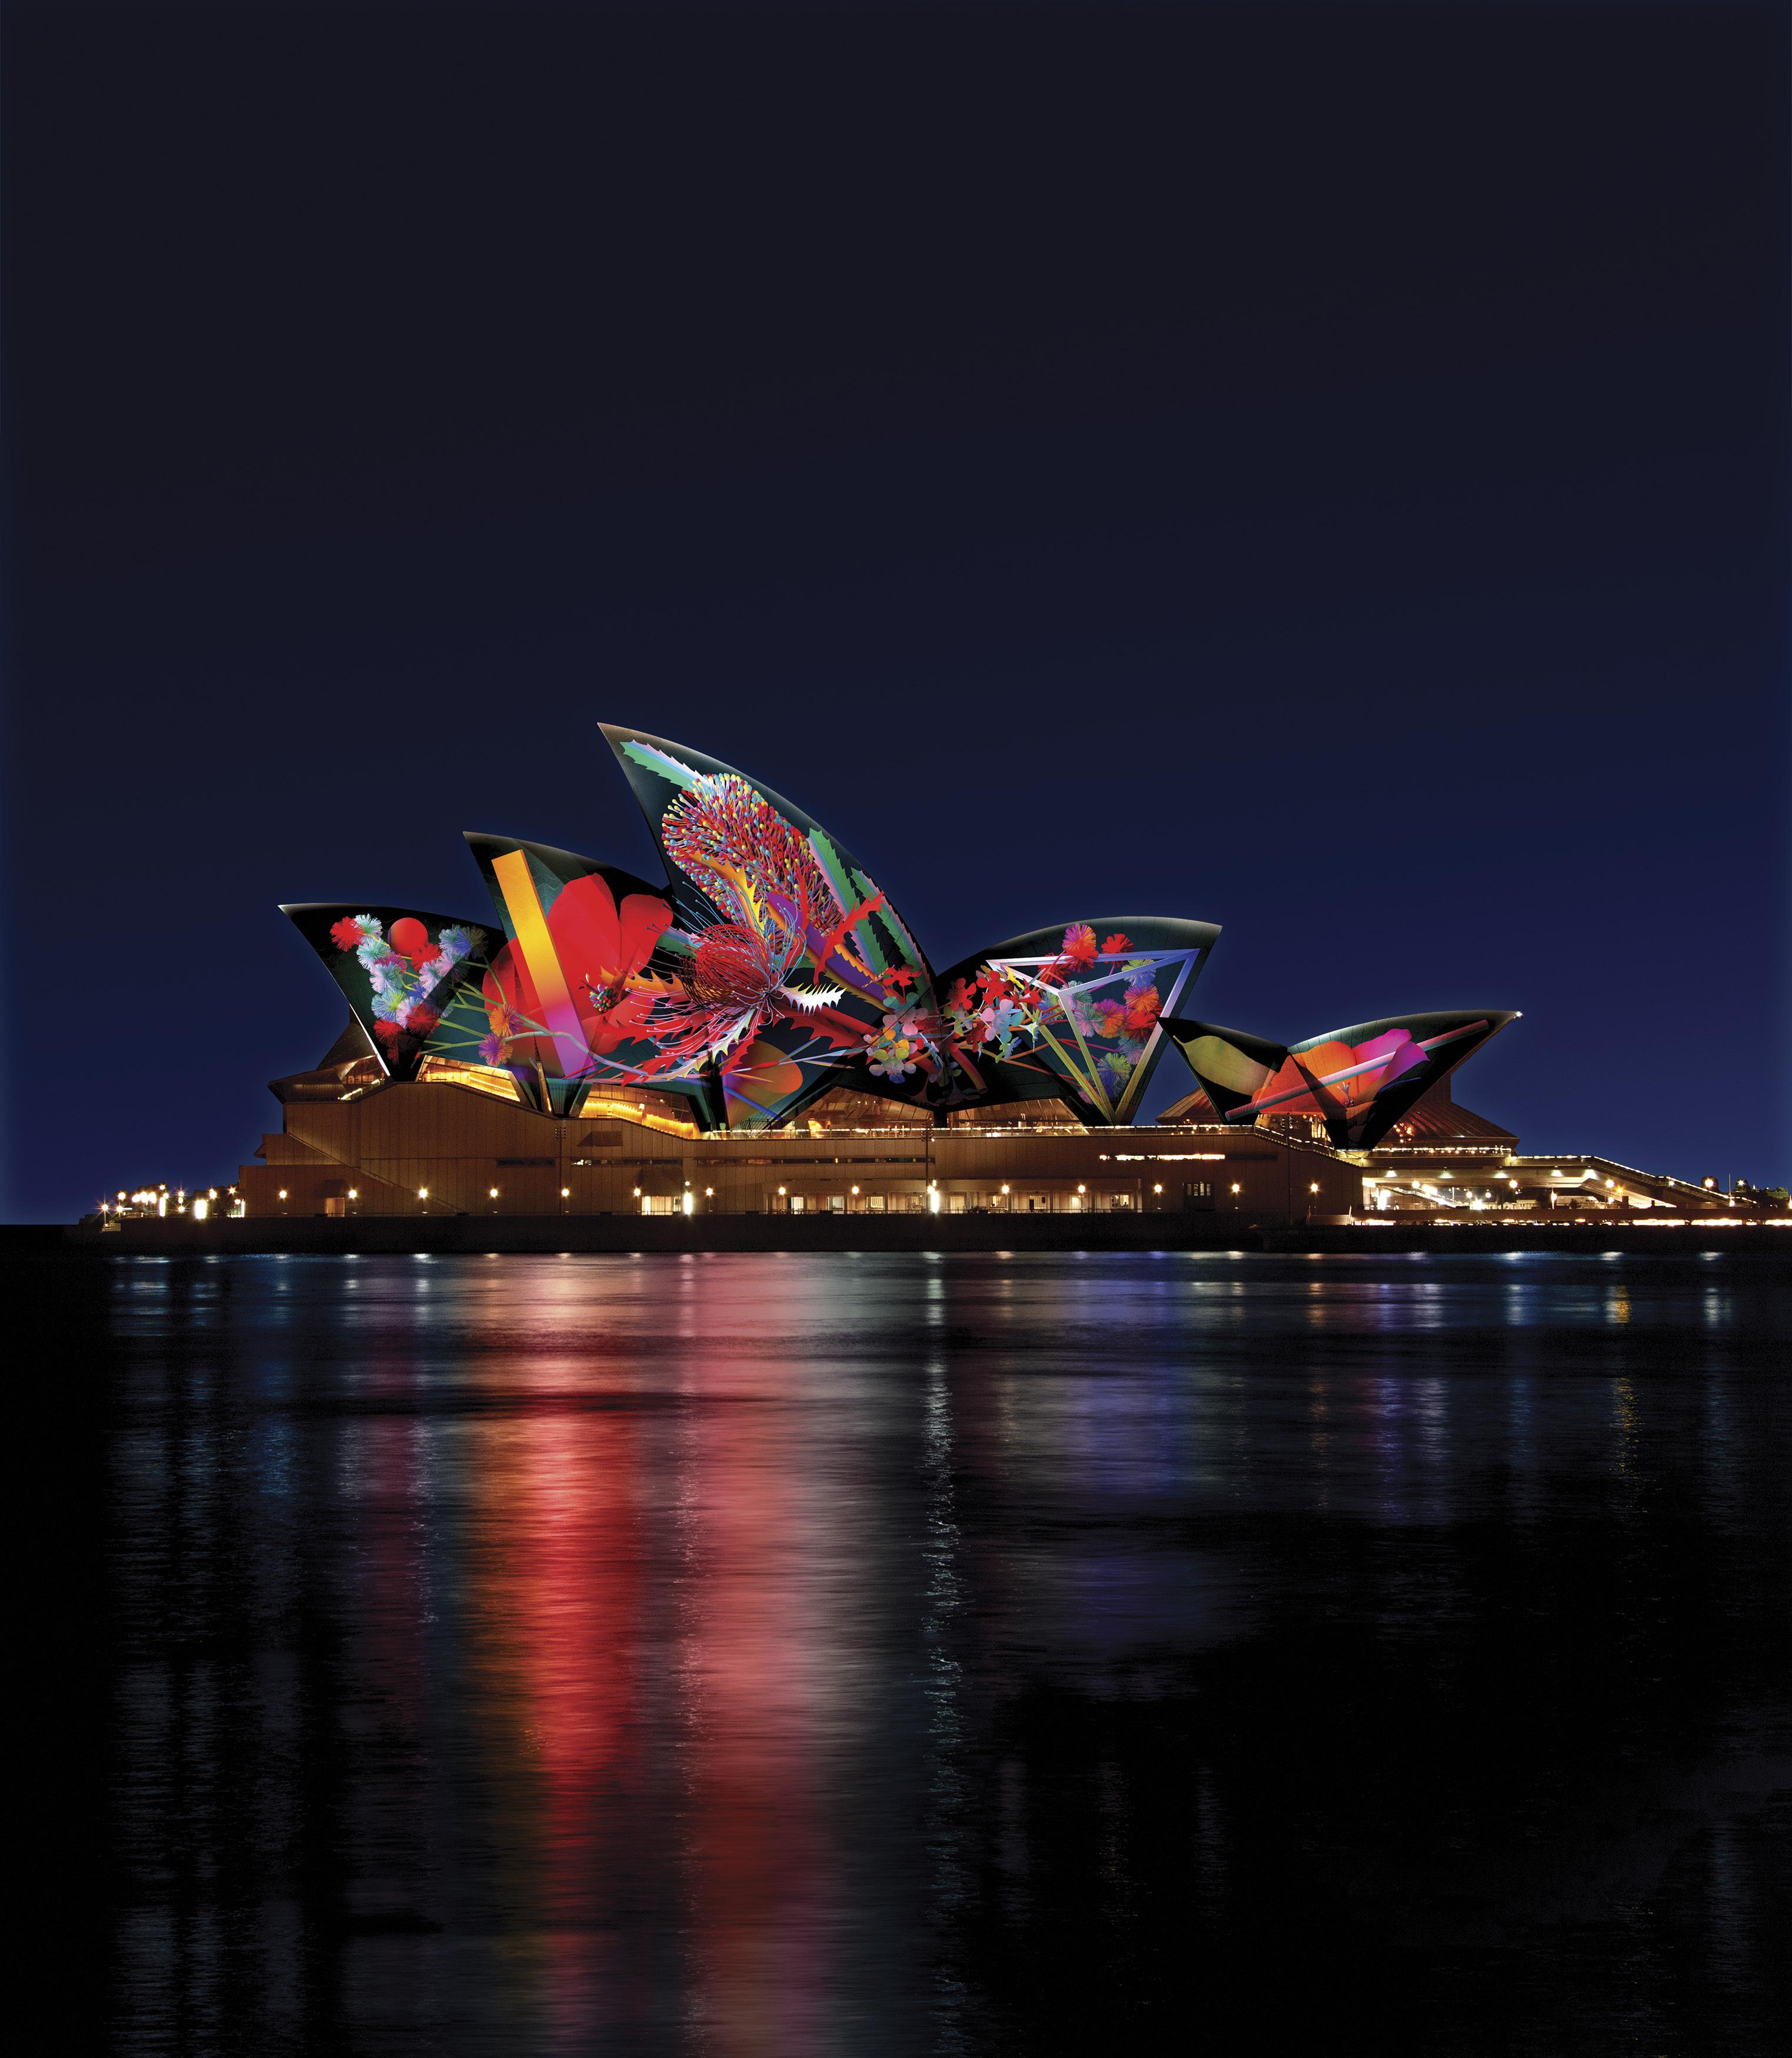 悉尼灯光音乐节:凝聚十年创意与创新,欢聚火树银花不夜天